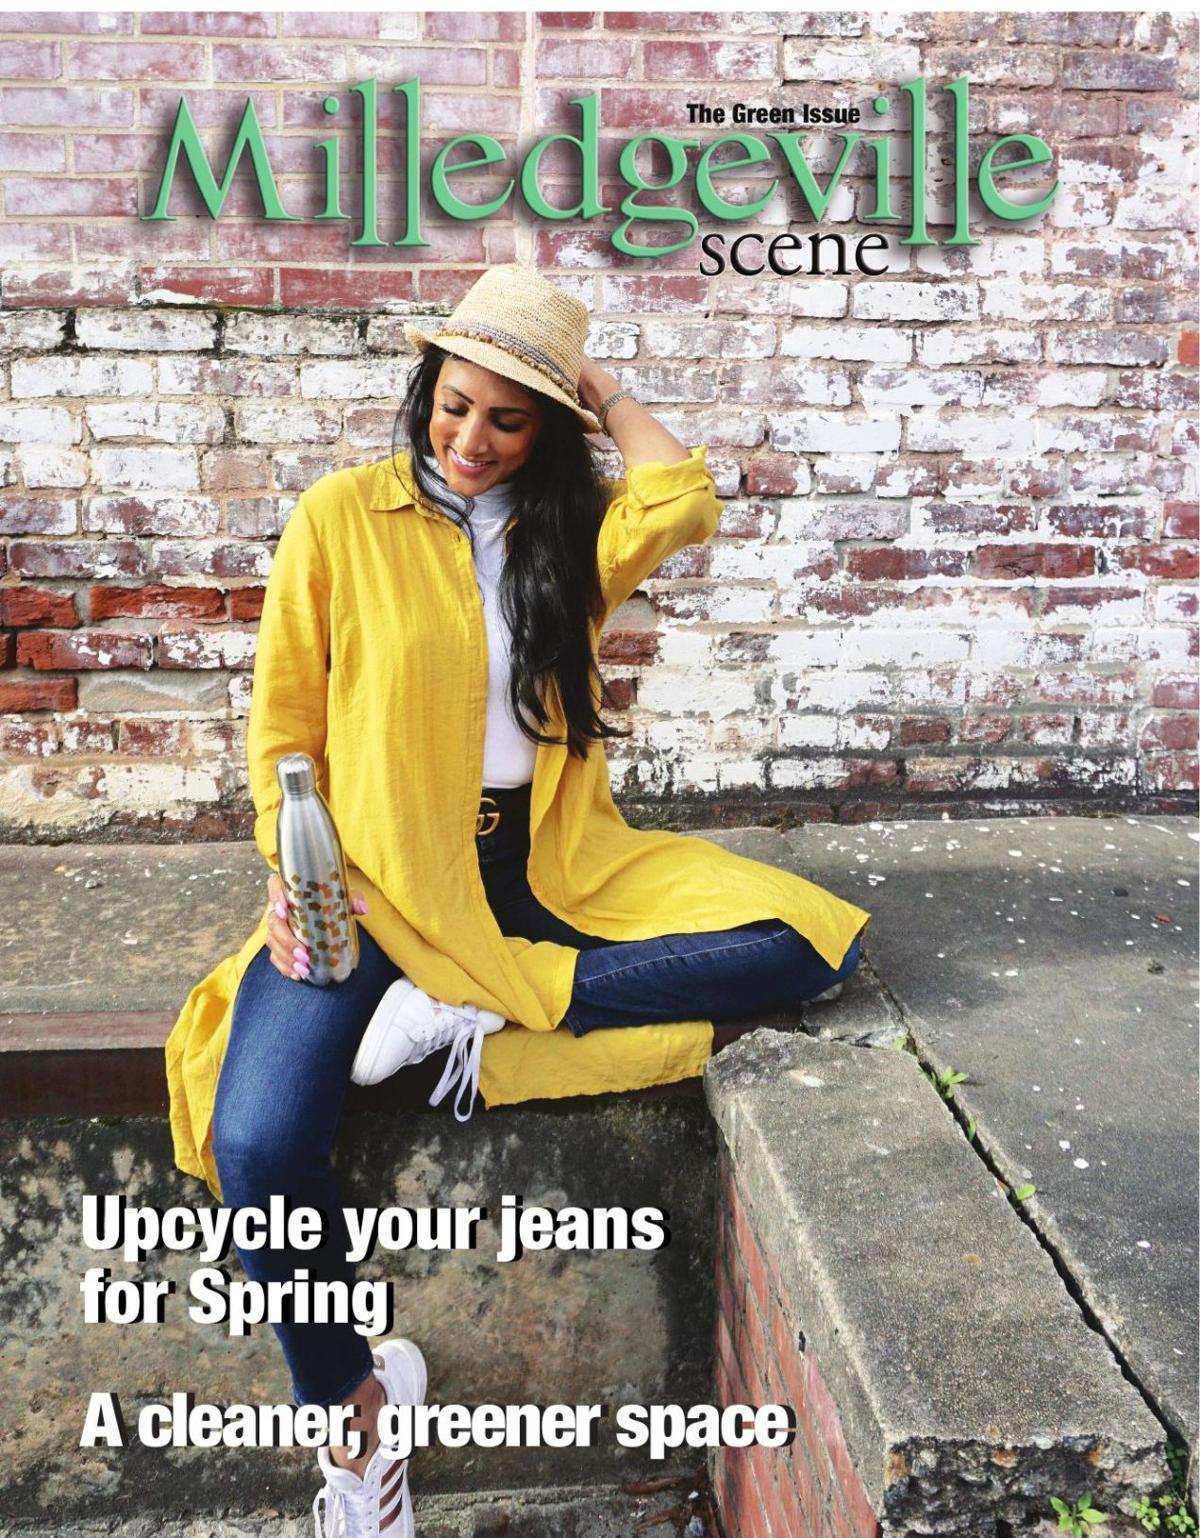 Milledgeville Scene Green Issue 2019